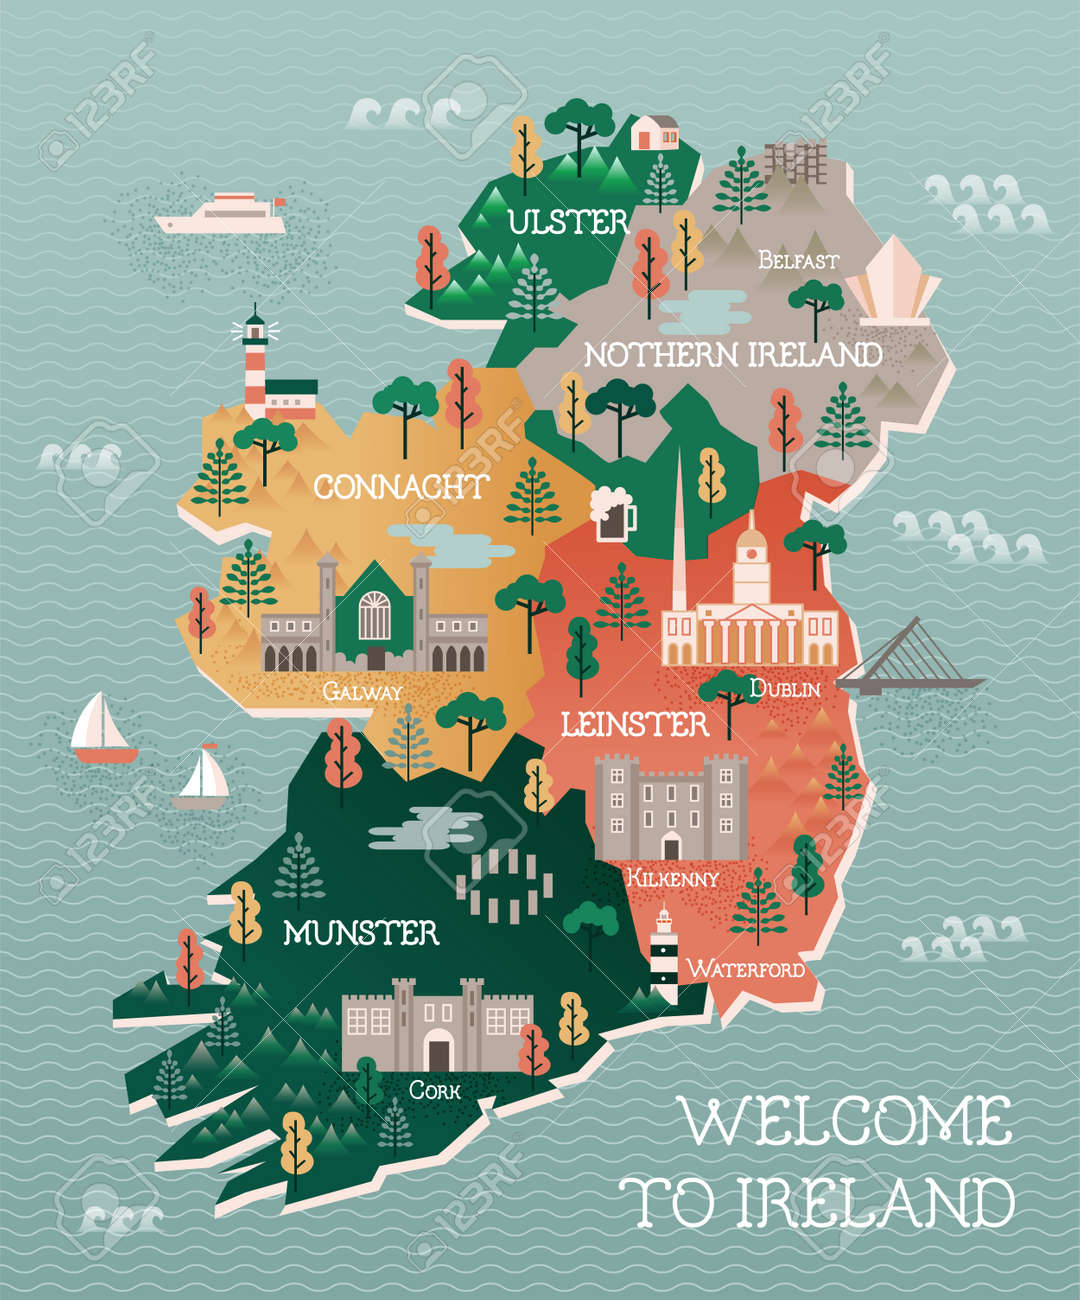 Irland Karte.Stock Photo